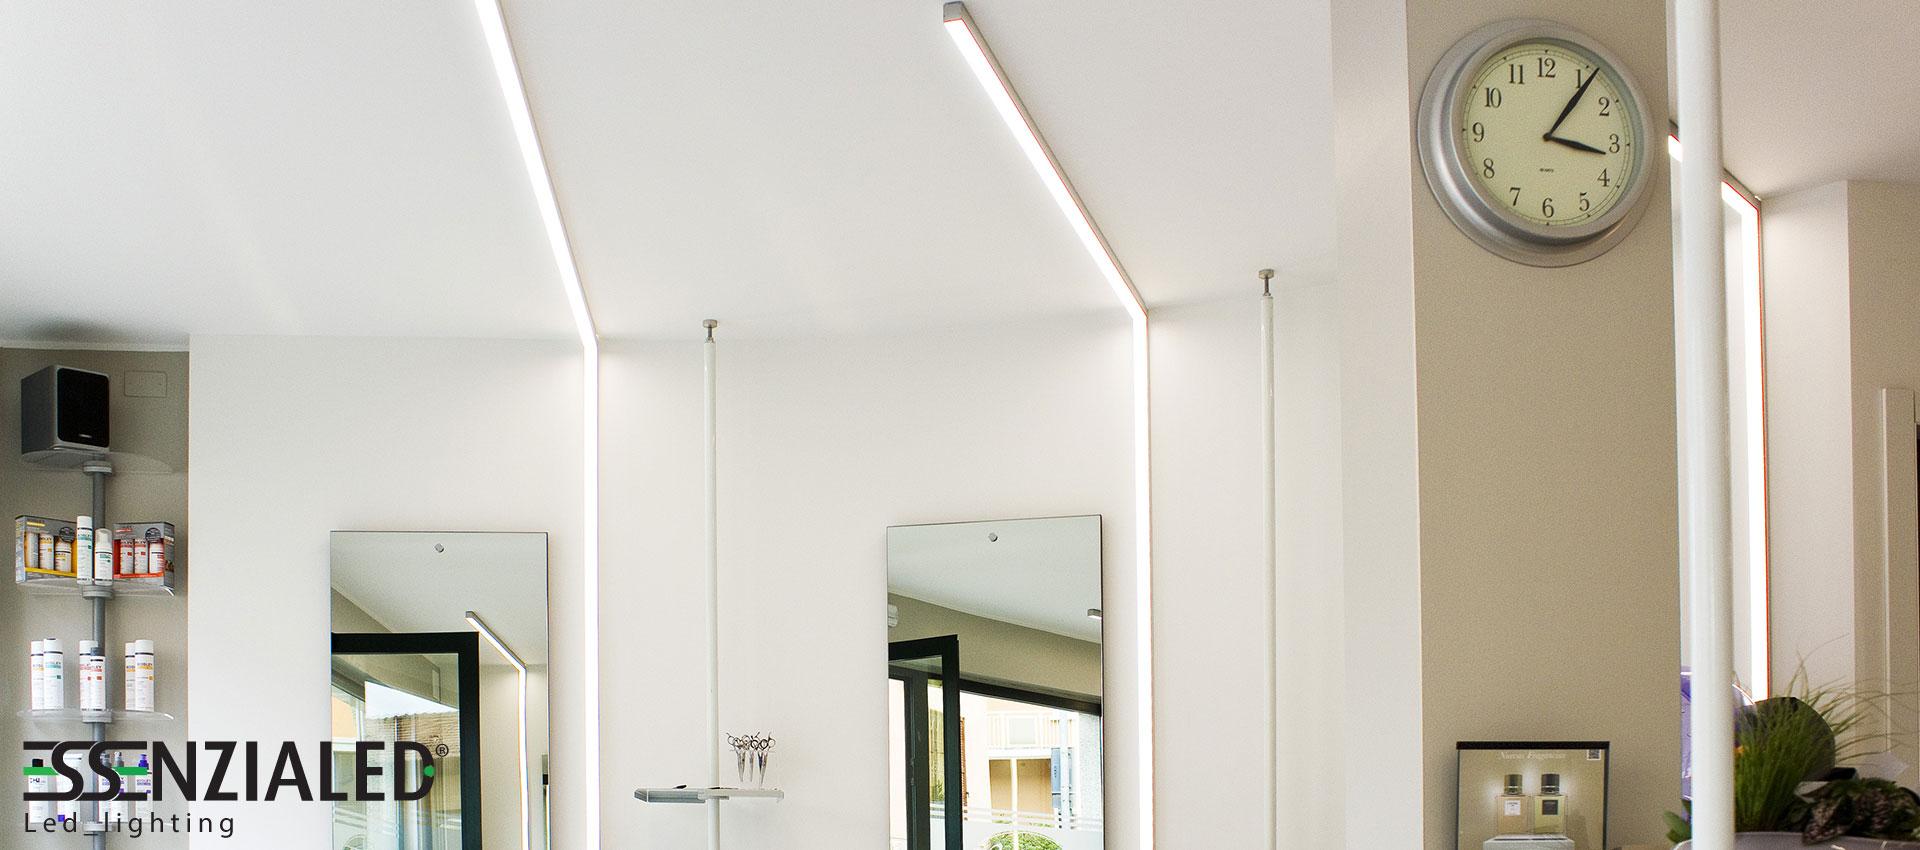 Illuminazione led parrucchieriessenzialed illuminazione - Lampadari a led per casa ...